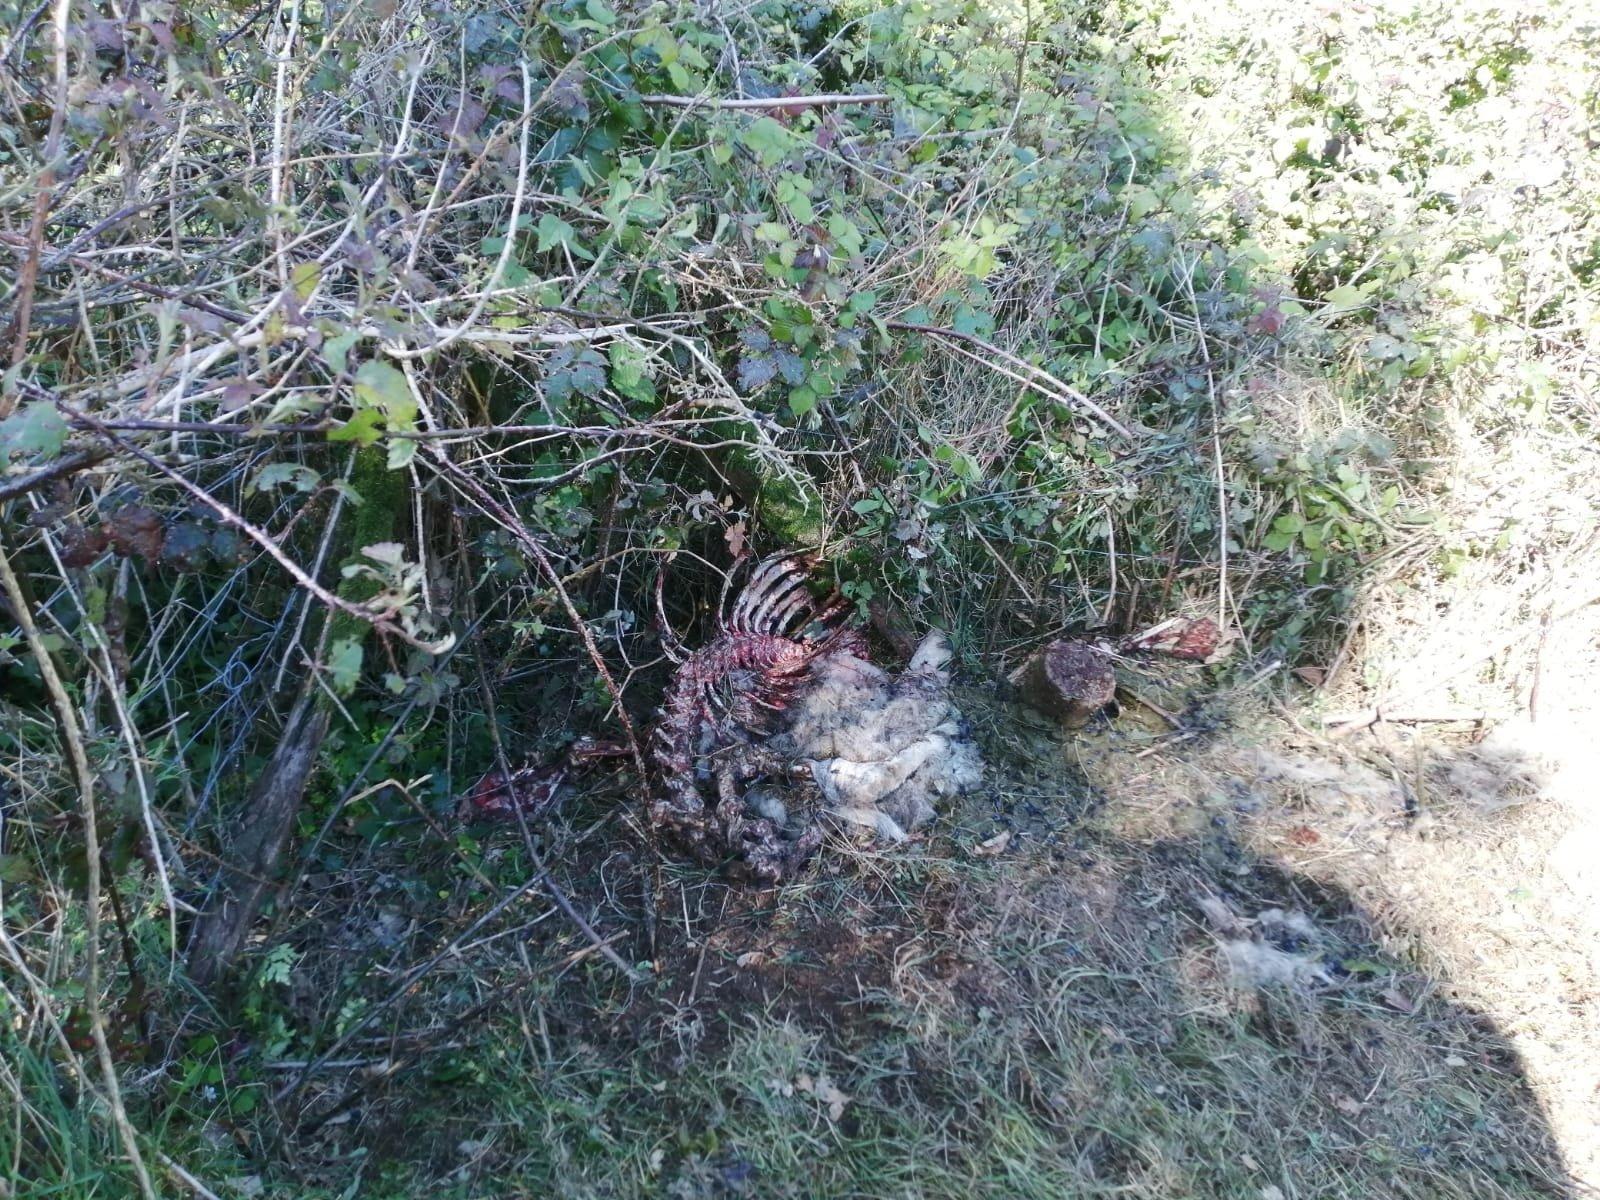 Los vecinos de Lendepeña (Valdés) preocupados por los daños ocasionados por los lobos